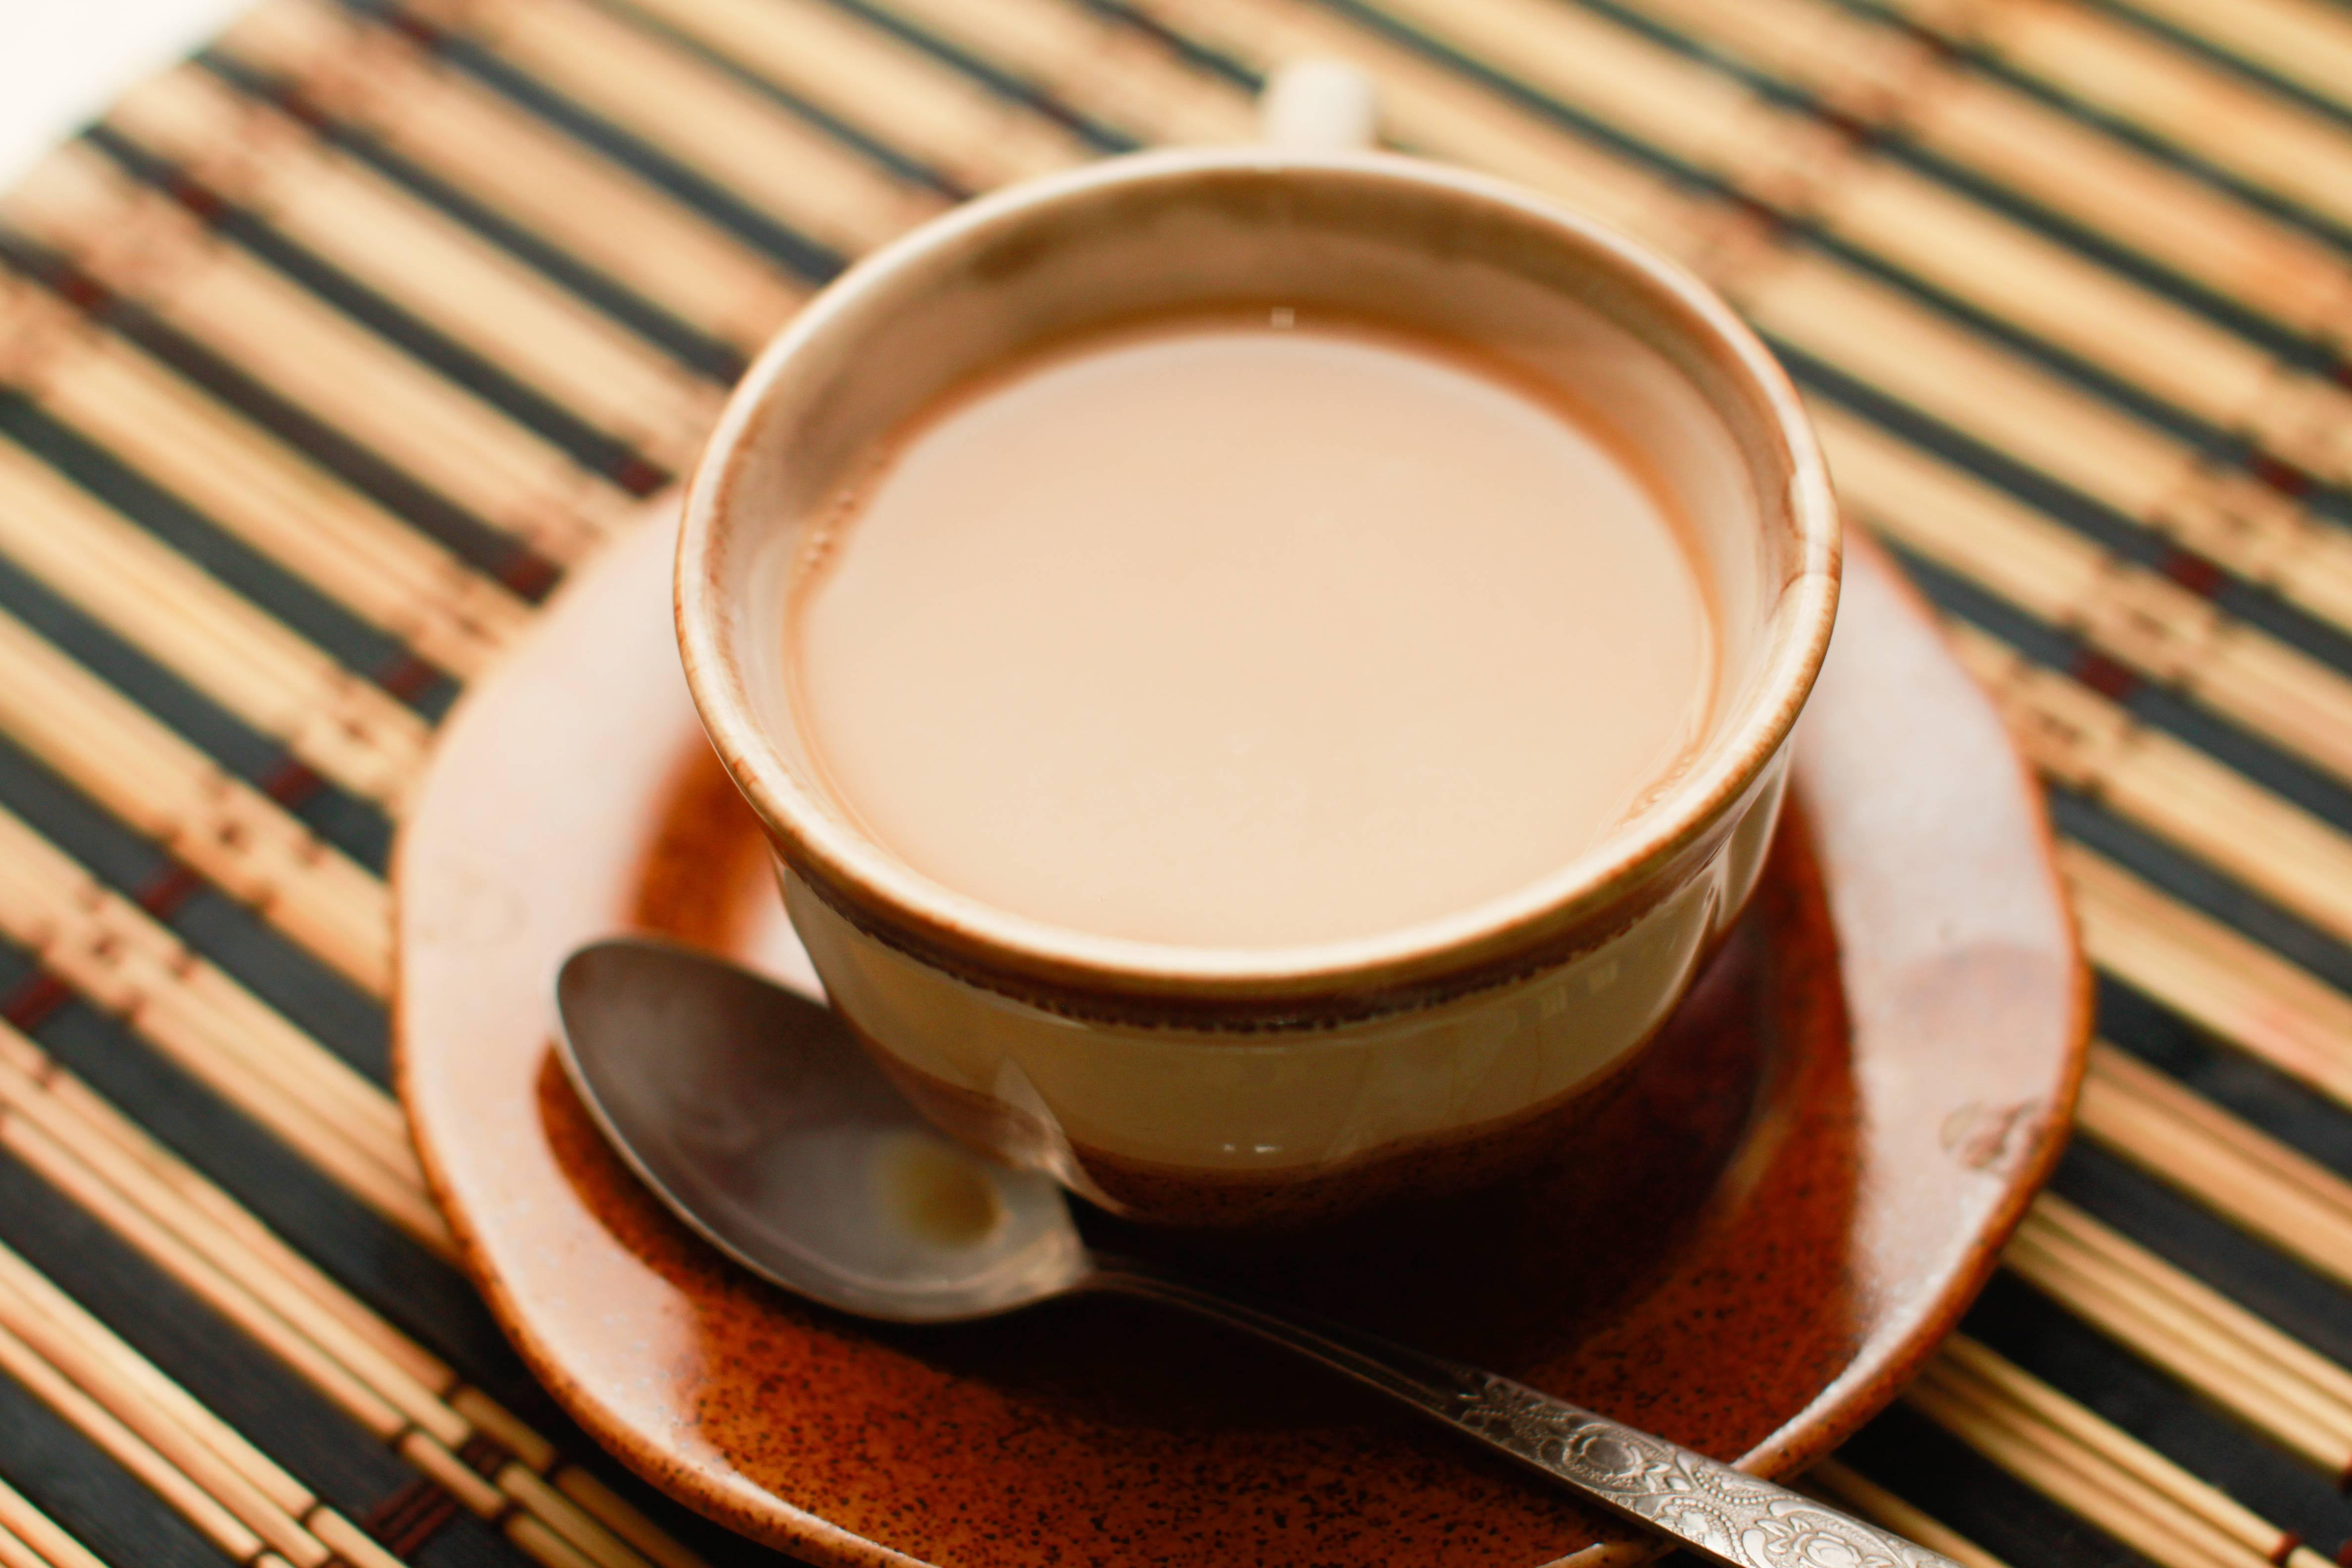 Кофе с молоком вред или польза: научная точка зрения